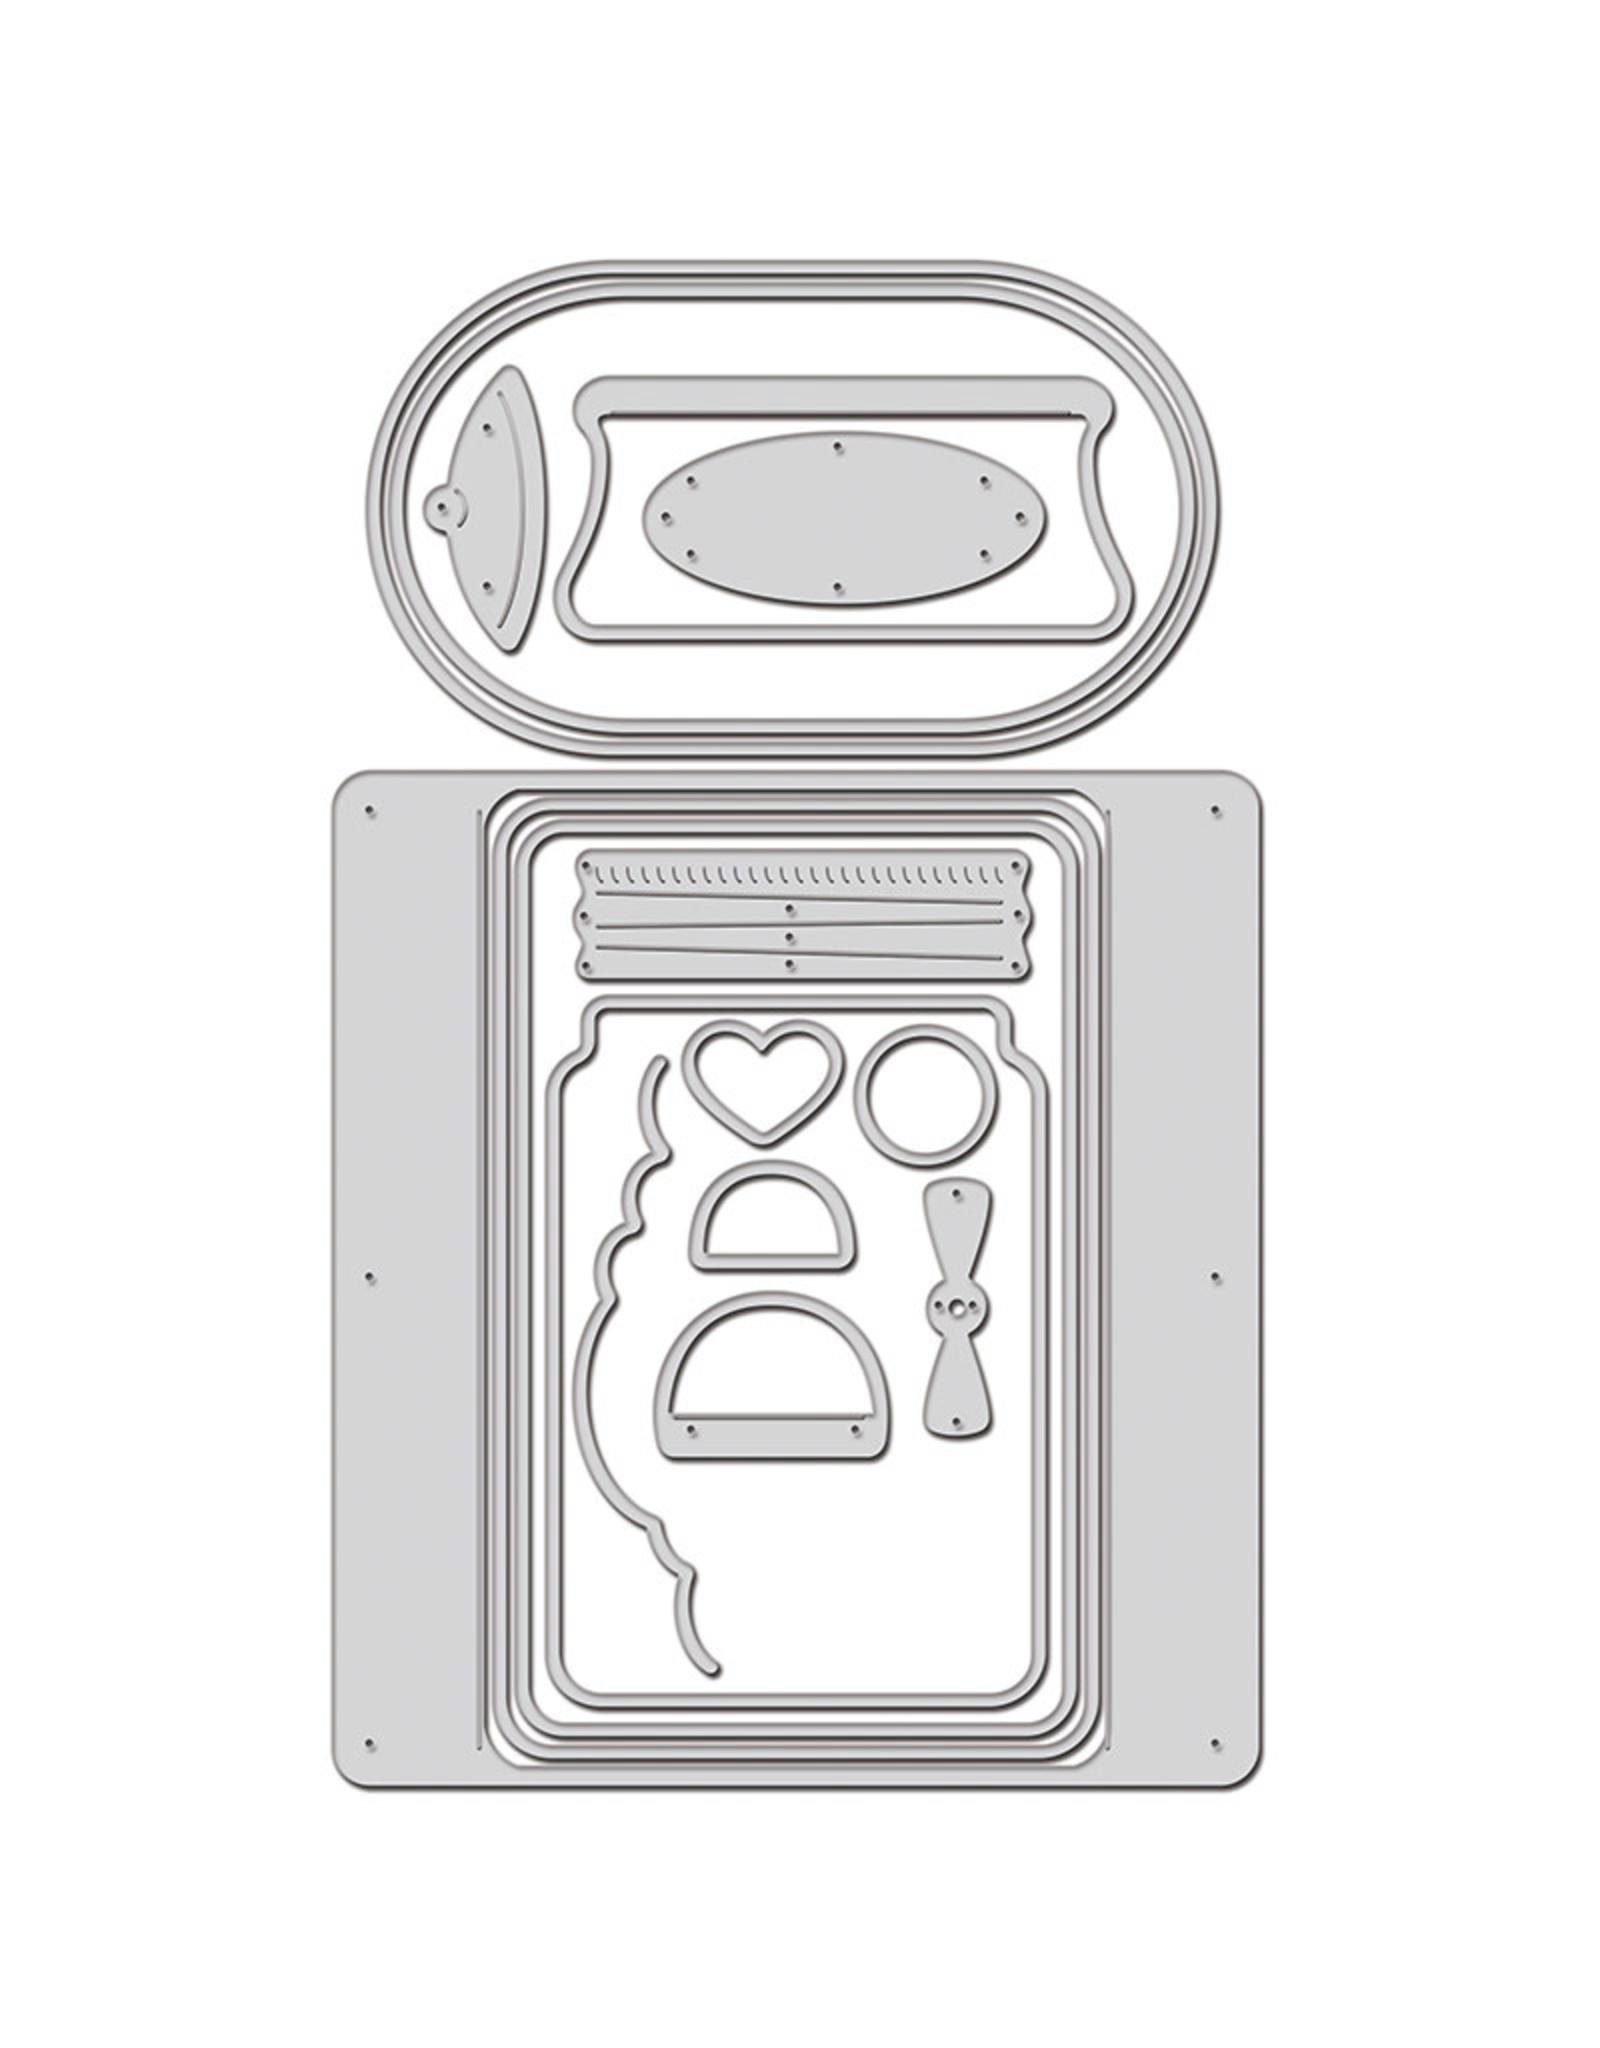 Stampendous WindowRama Dome Jar Shaker Die Set